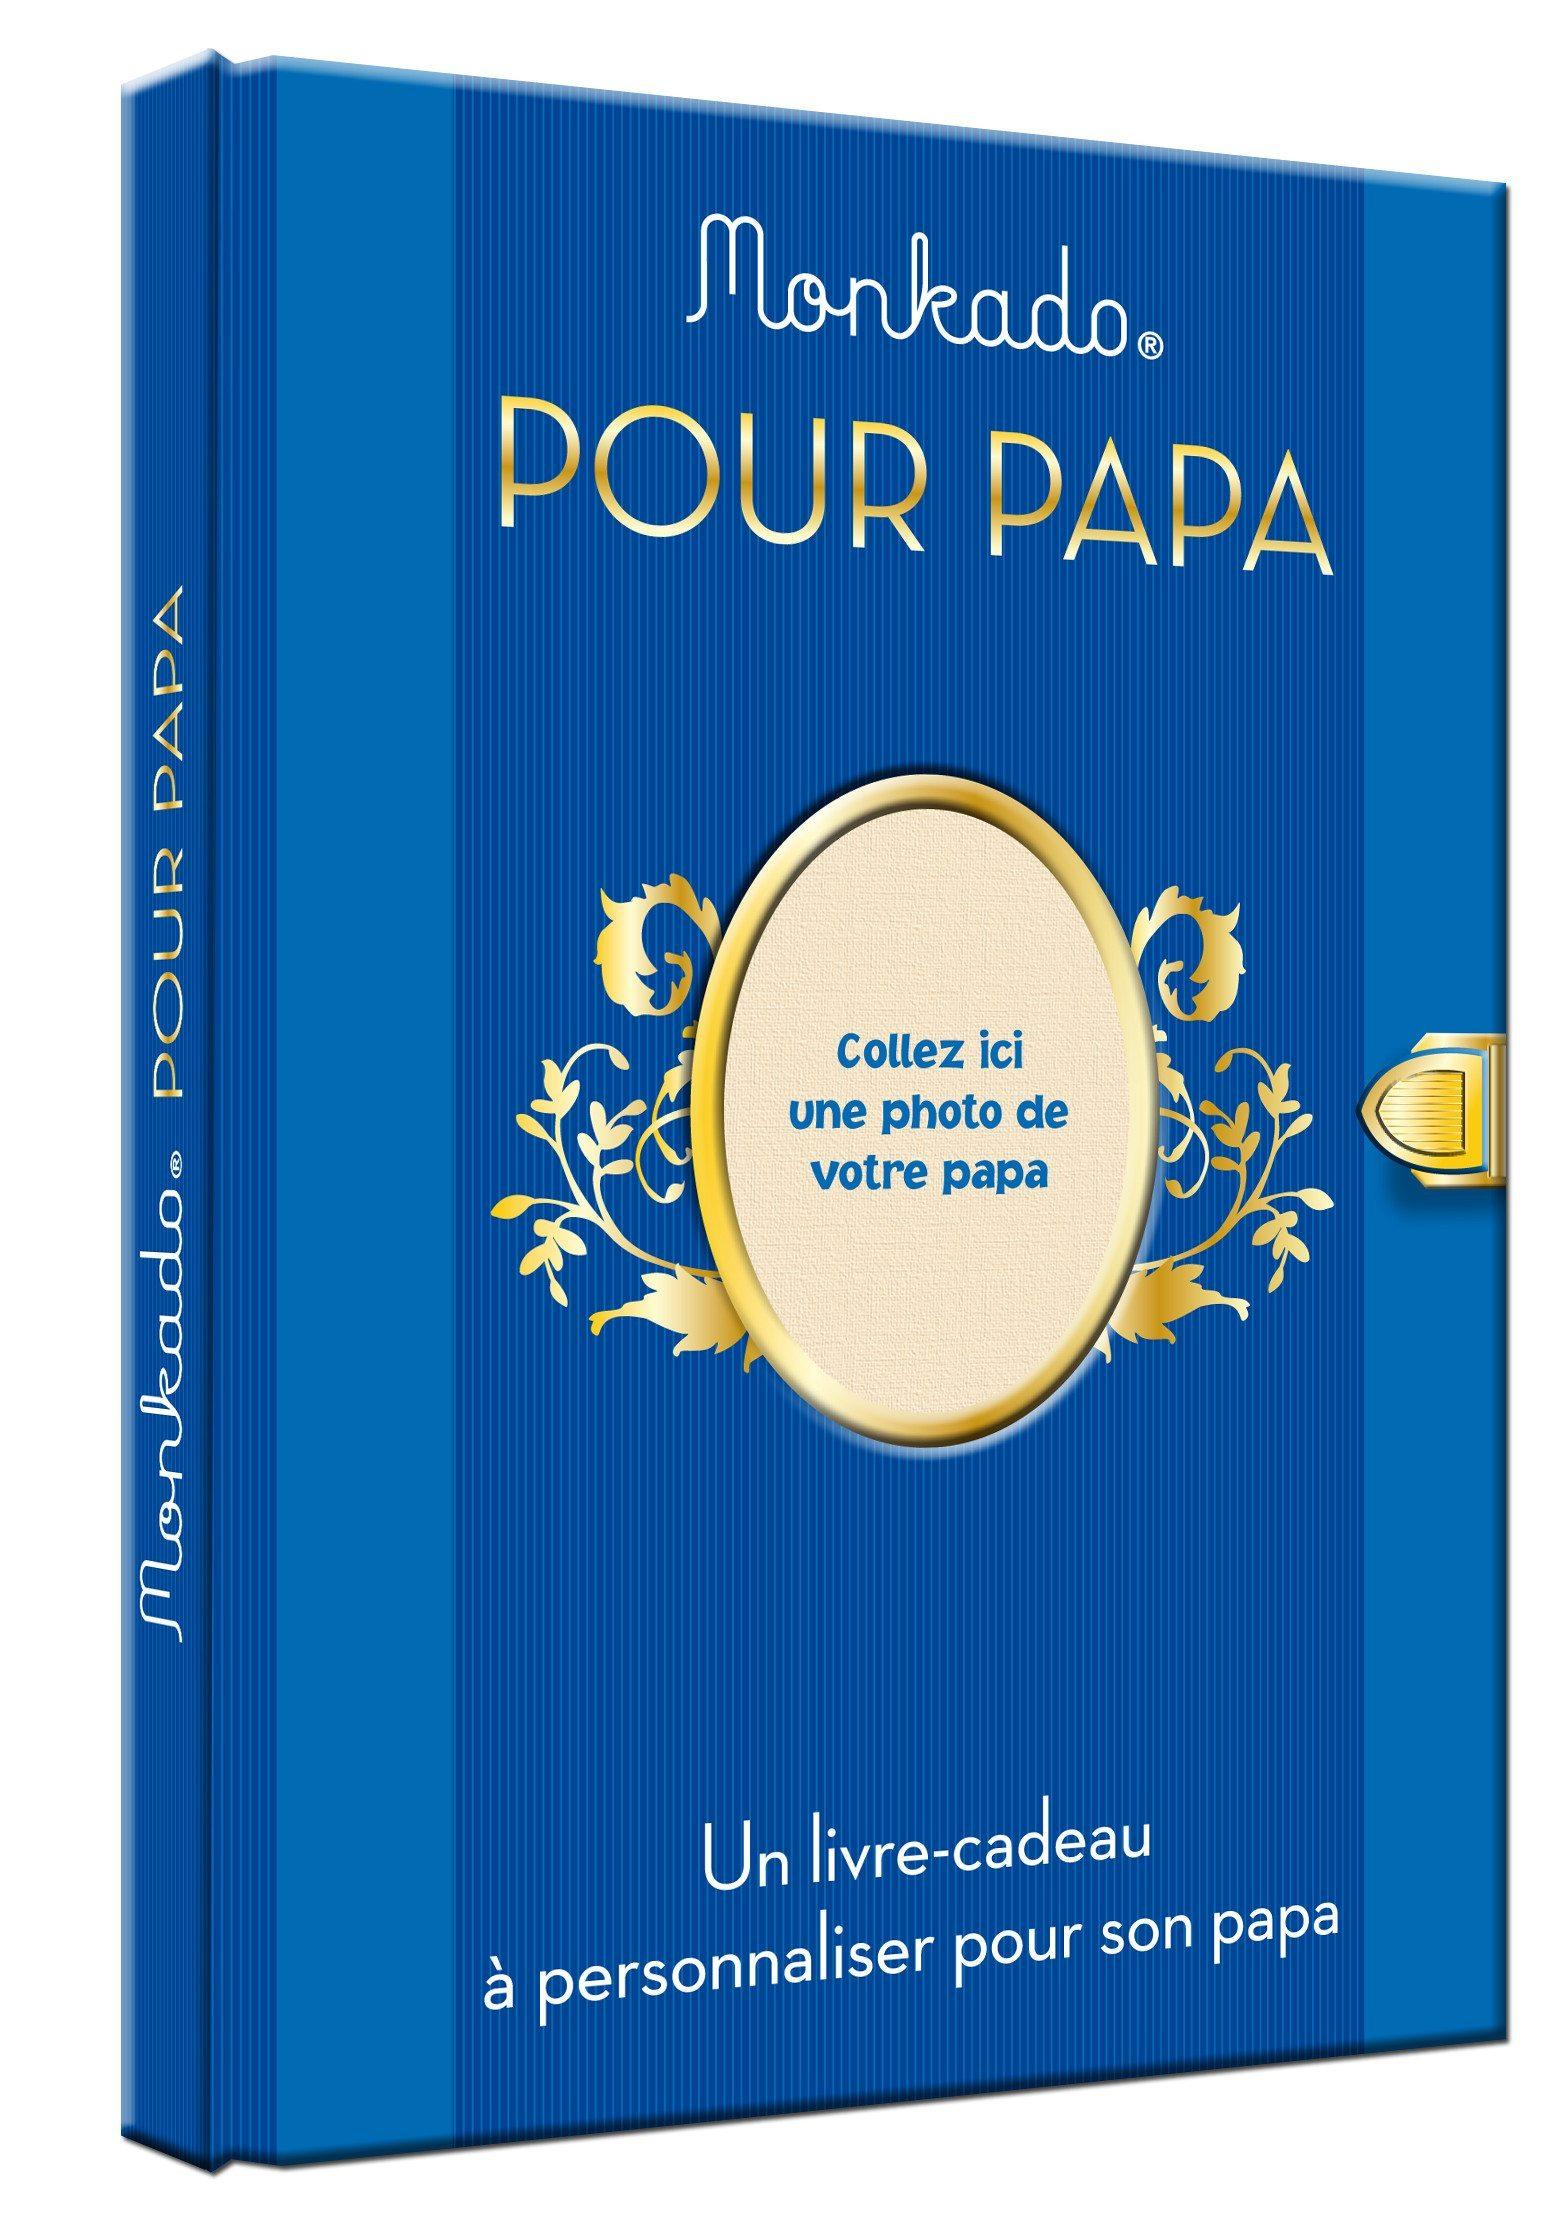 Monkado pour Papa